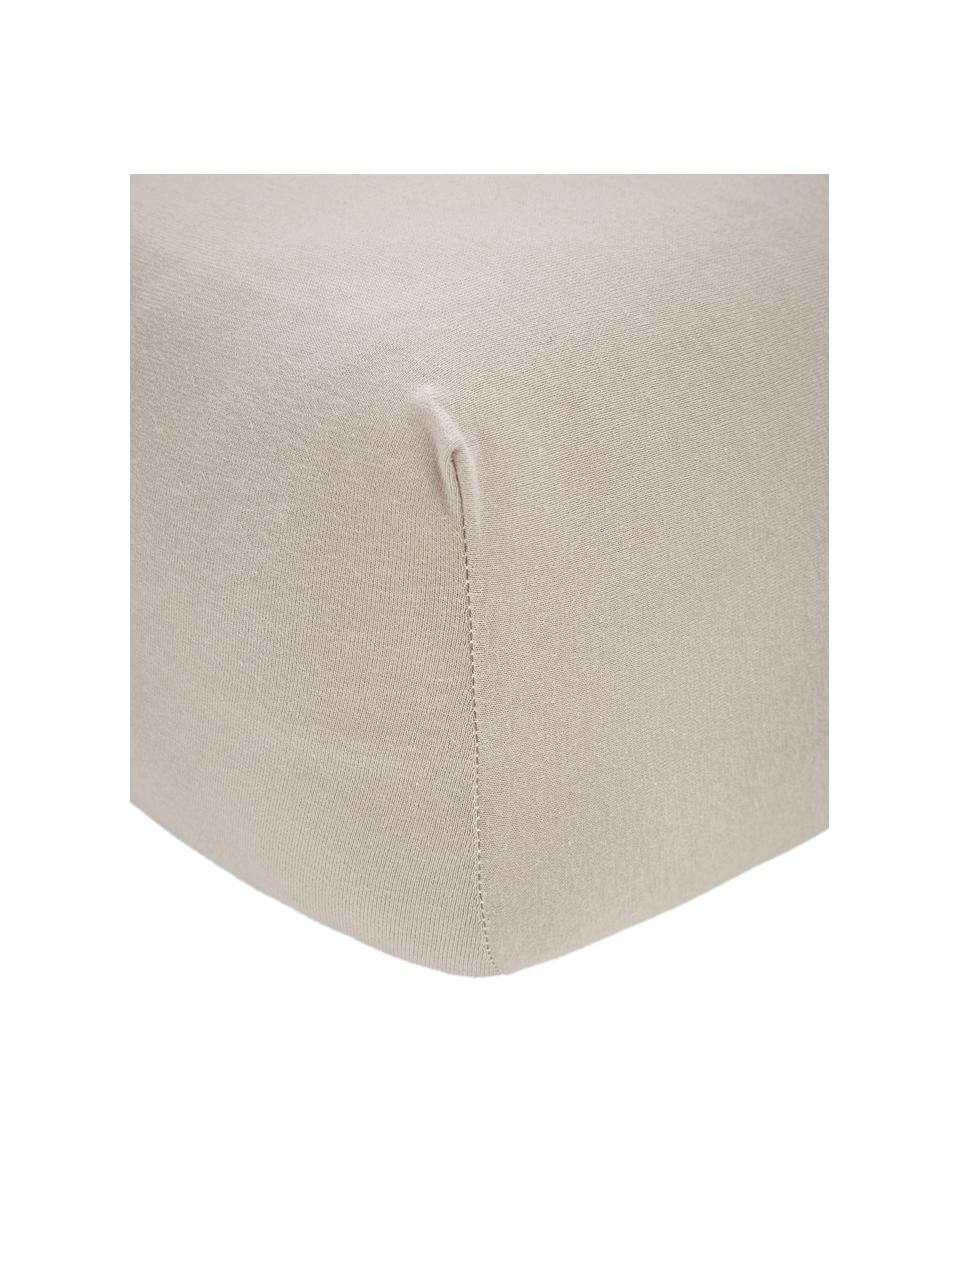 Topper-Spannbettlaken Lara in Taupe, Jersey-Elasthan, 95% Baumwolle, 5% Elasthan, Taupe, 200 x 200 cm